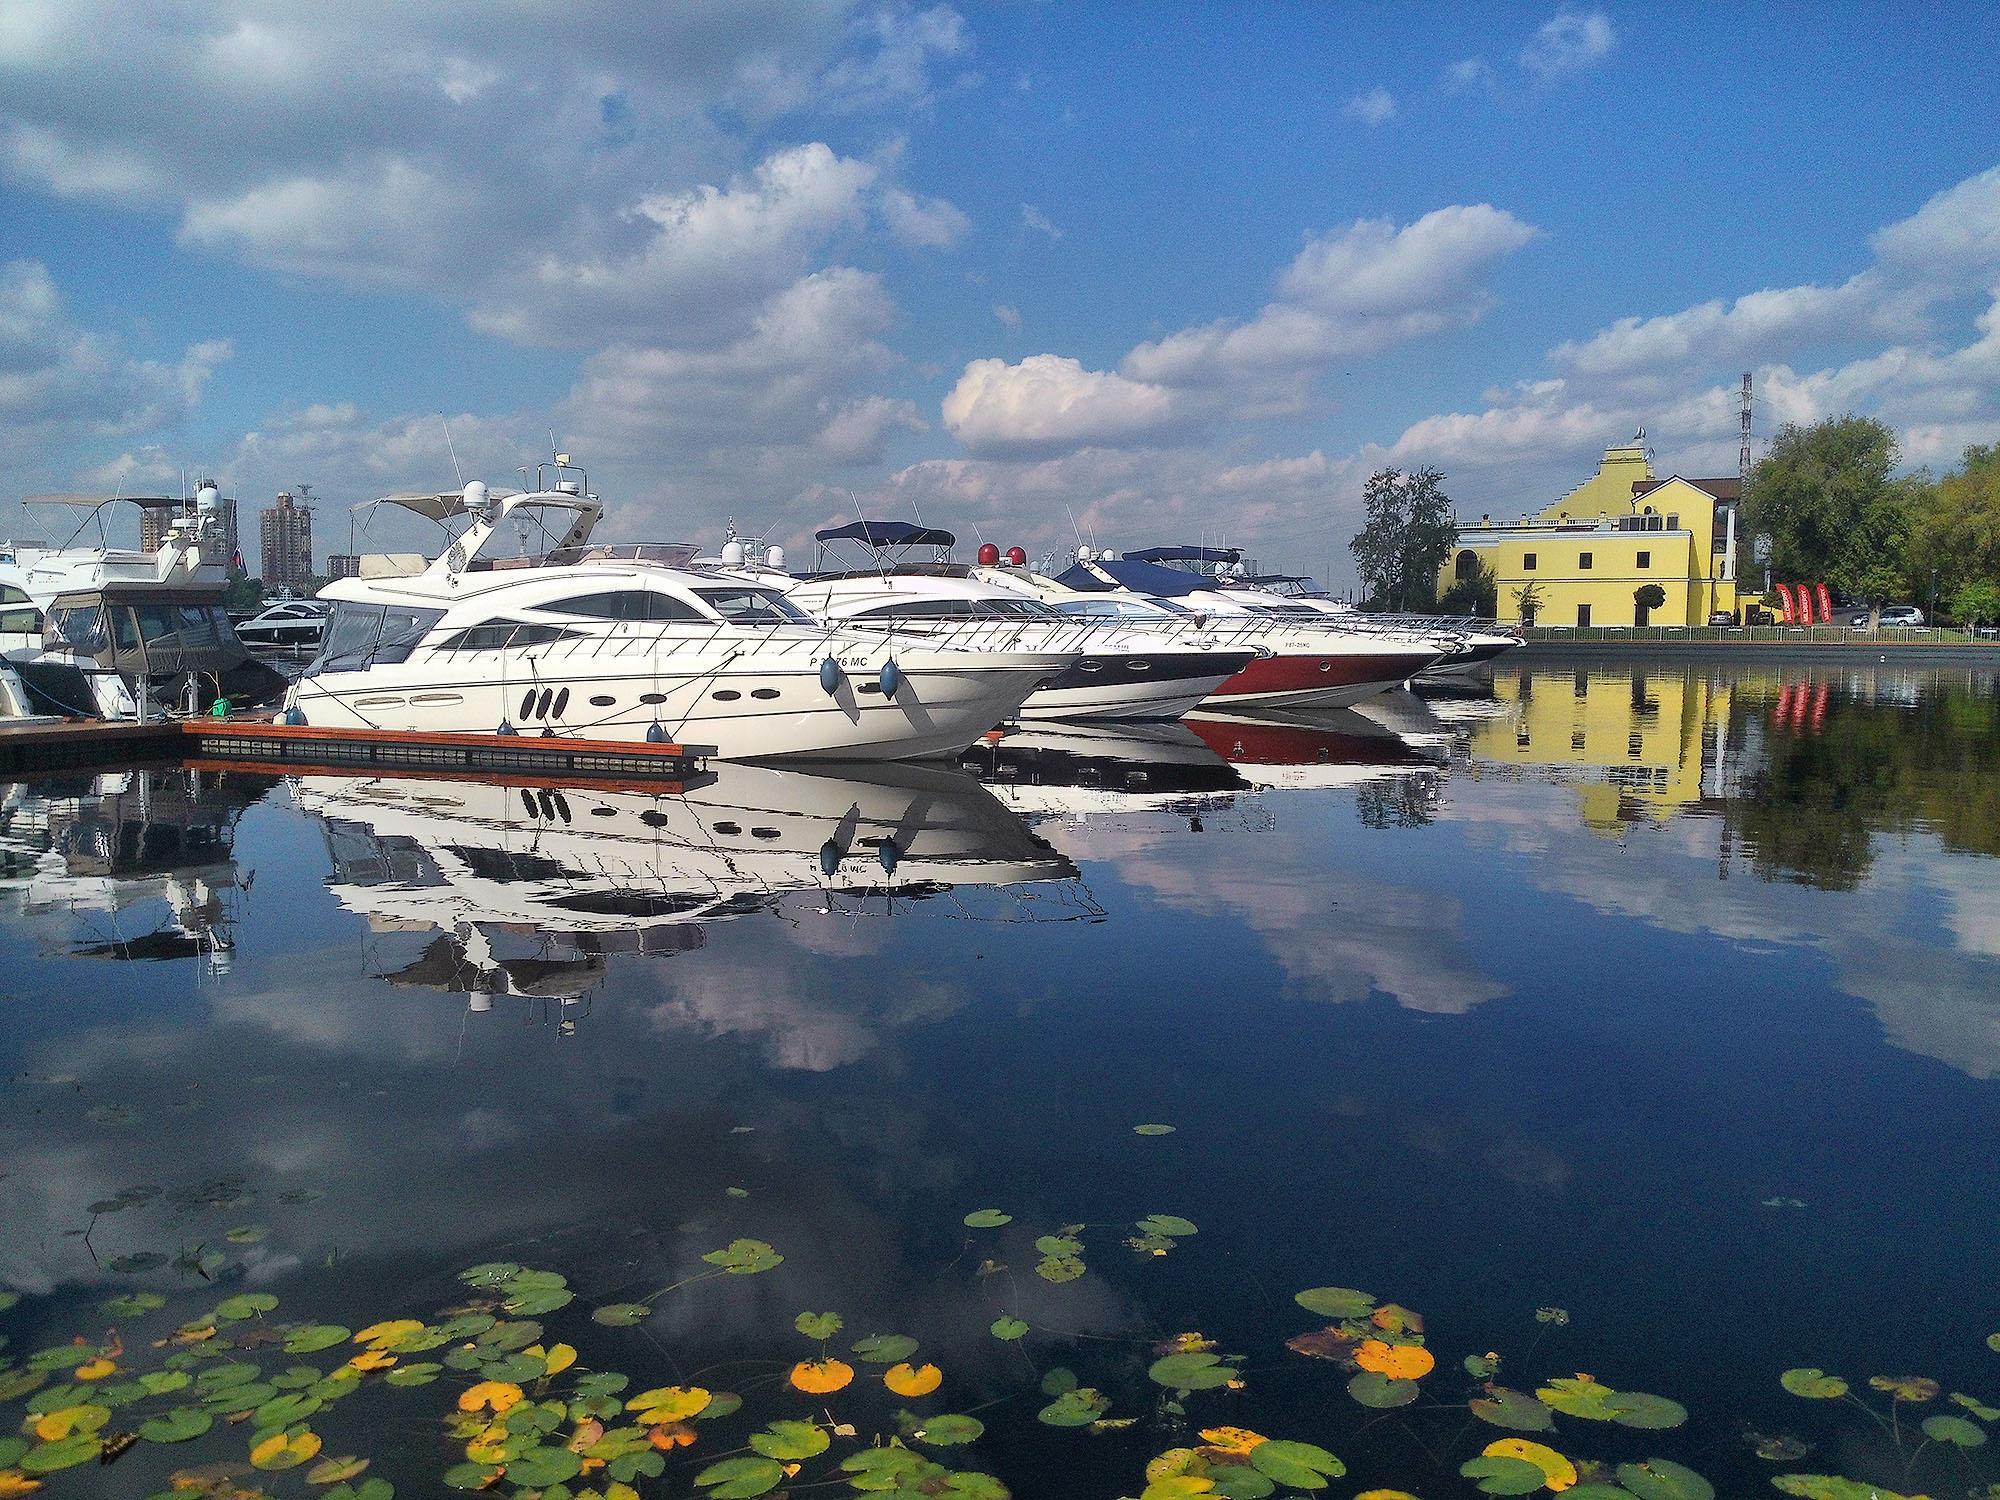 Яхт-клуб Ройал, Москва, Россия